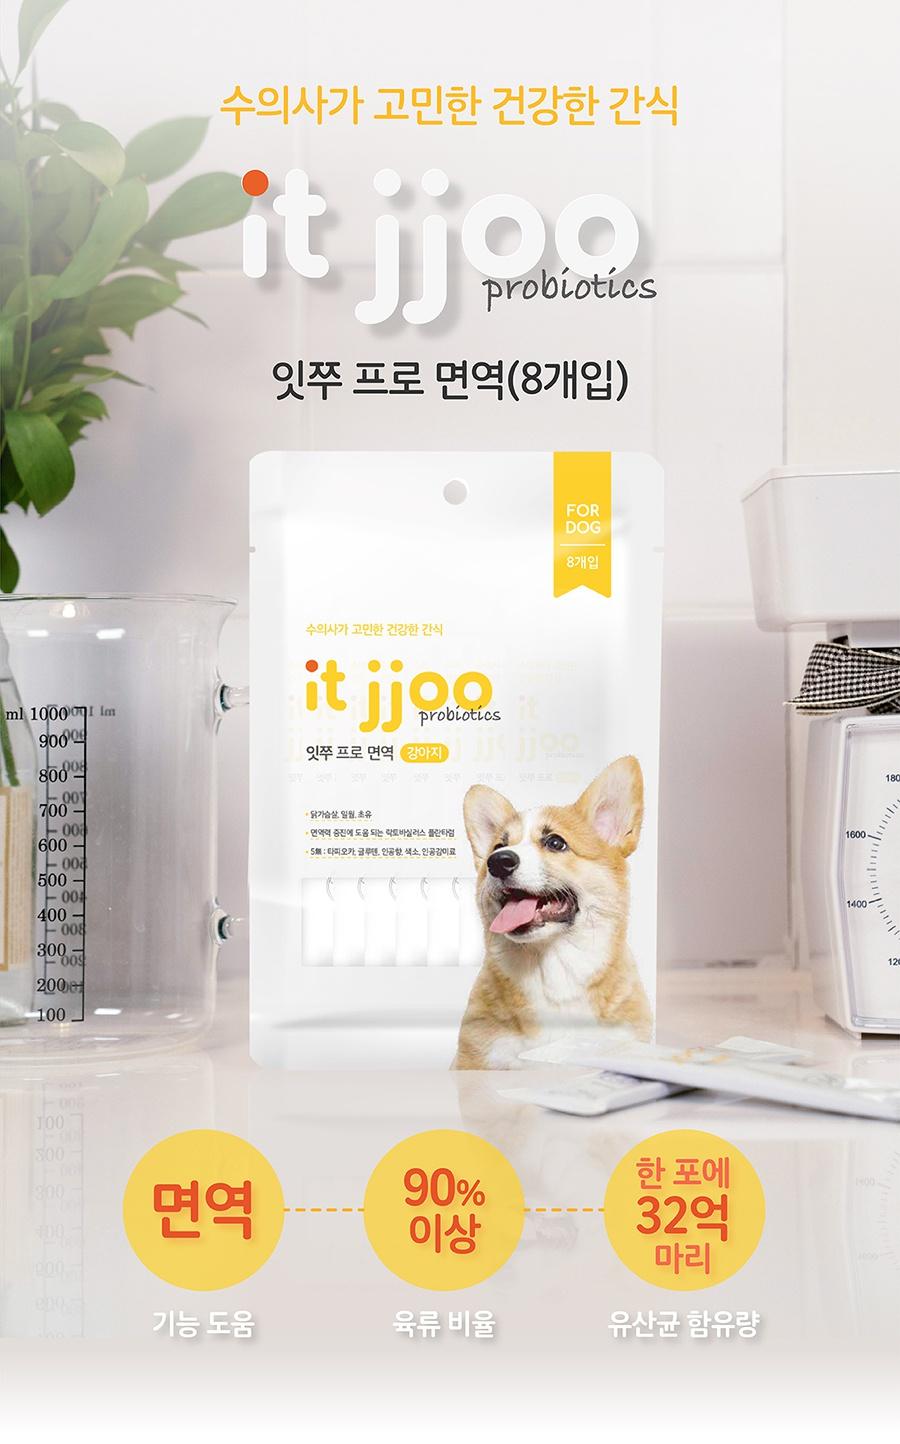 It 잇쭈 프로 도그 3종 (구강/비만/면역)-상품이미지-23